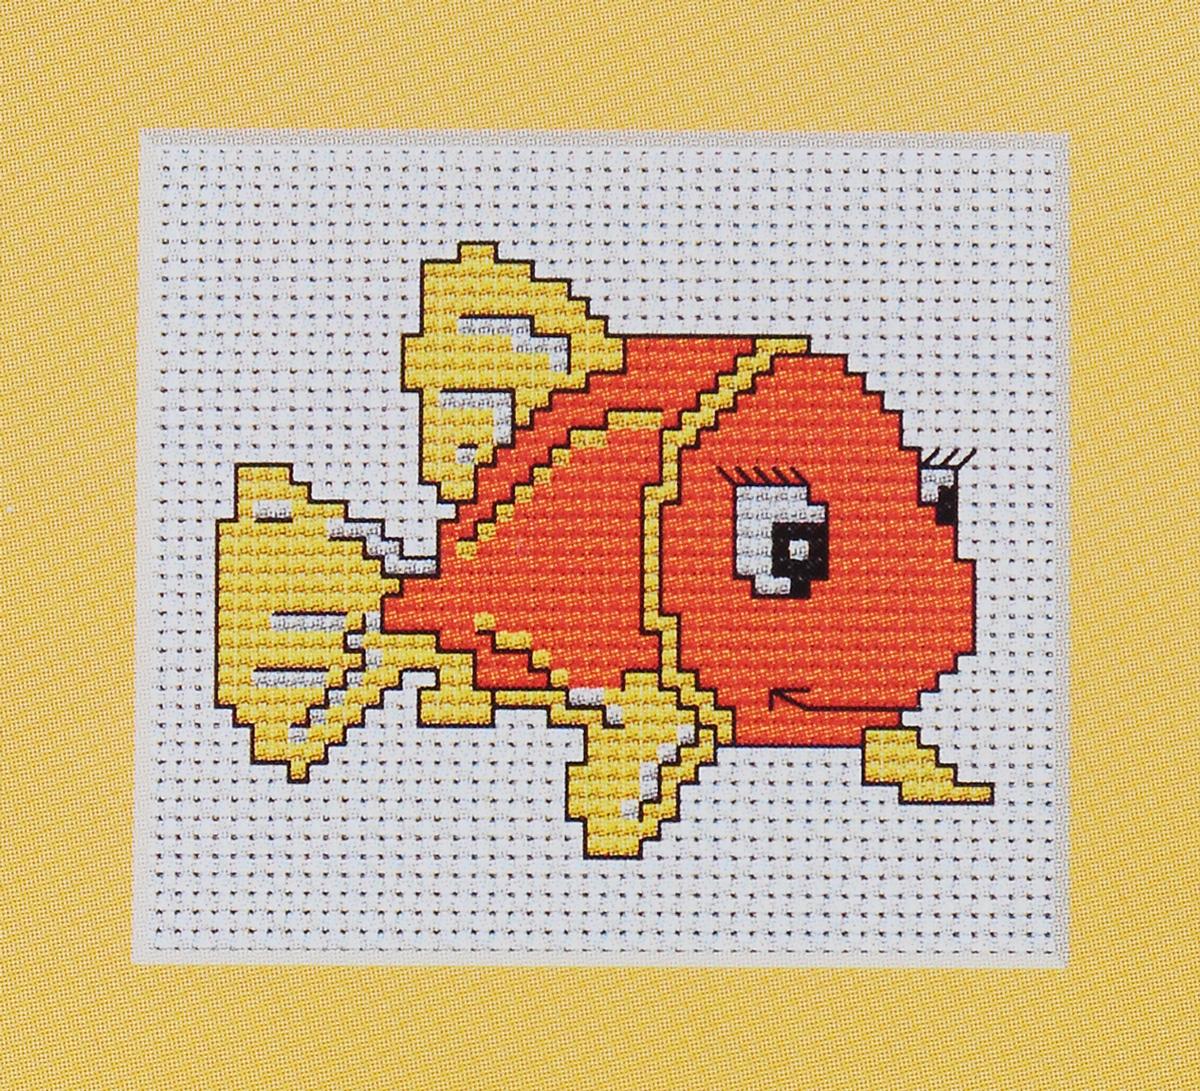 Набор для вышивания крестом Luca-S Оранжевая рыбка, 7,5 х 6 смB081Набор для вышивания крестом Luca-S Оранжевая рыбка поможет вам создать свой личный шедевр - красивую картину, вышитую нитками мулине в технике счетный крест. Работа, выполненная своими руками, станет отличным подарком для друзей и близких! В набор входит: - белая канва Aida Zweigart 14 (хлопок) без рисунка размером 7,5 х 6 см, - мулине Anchor 4 цветов, - игла, - цветная схема для вышивания.